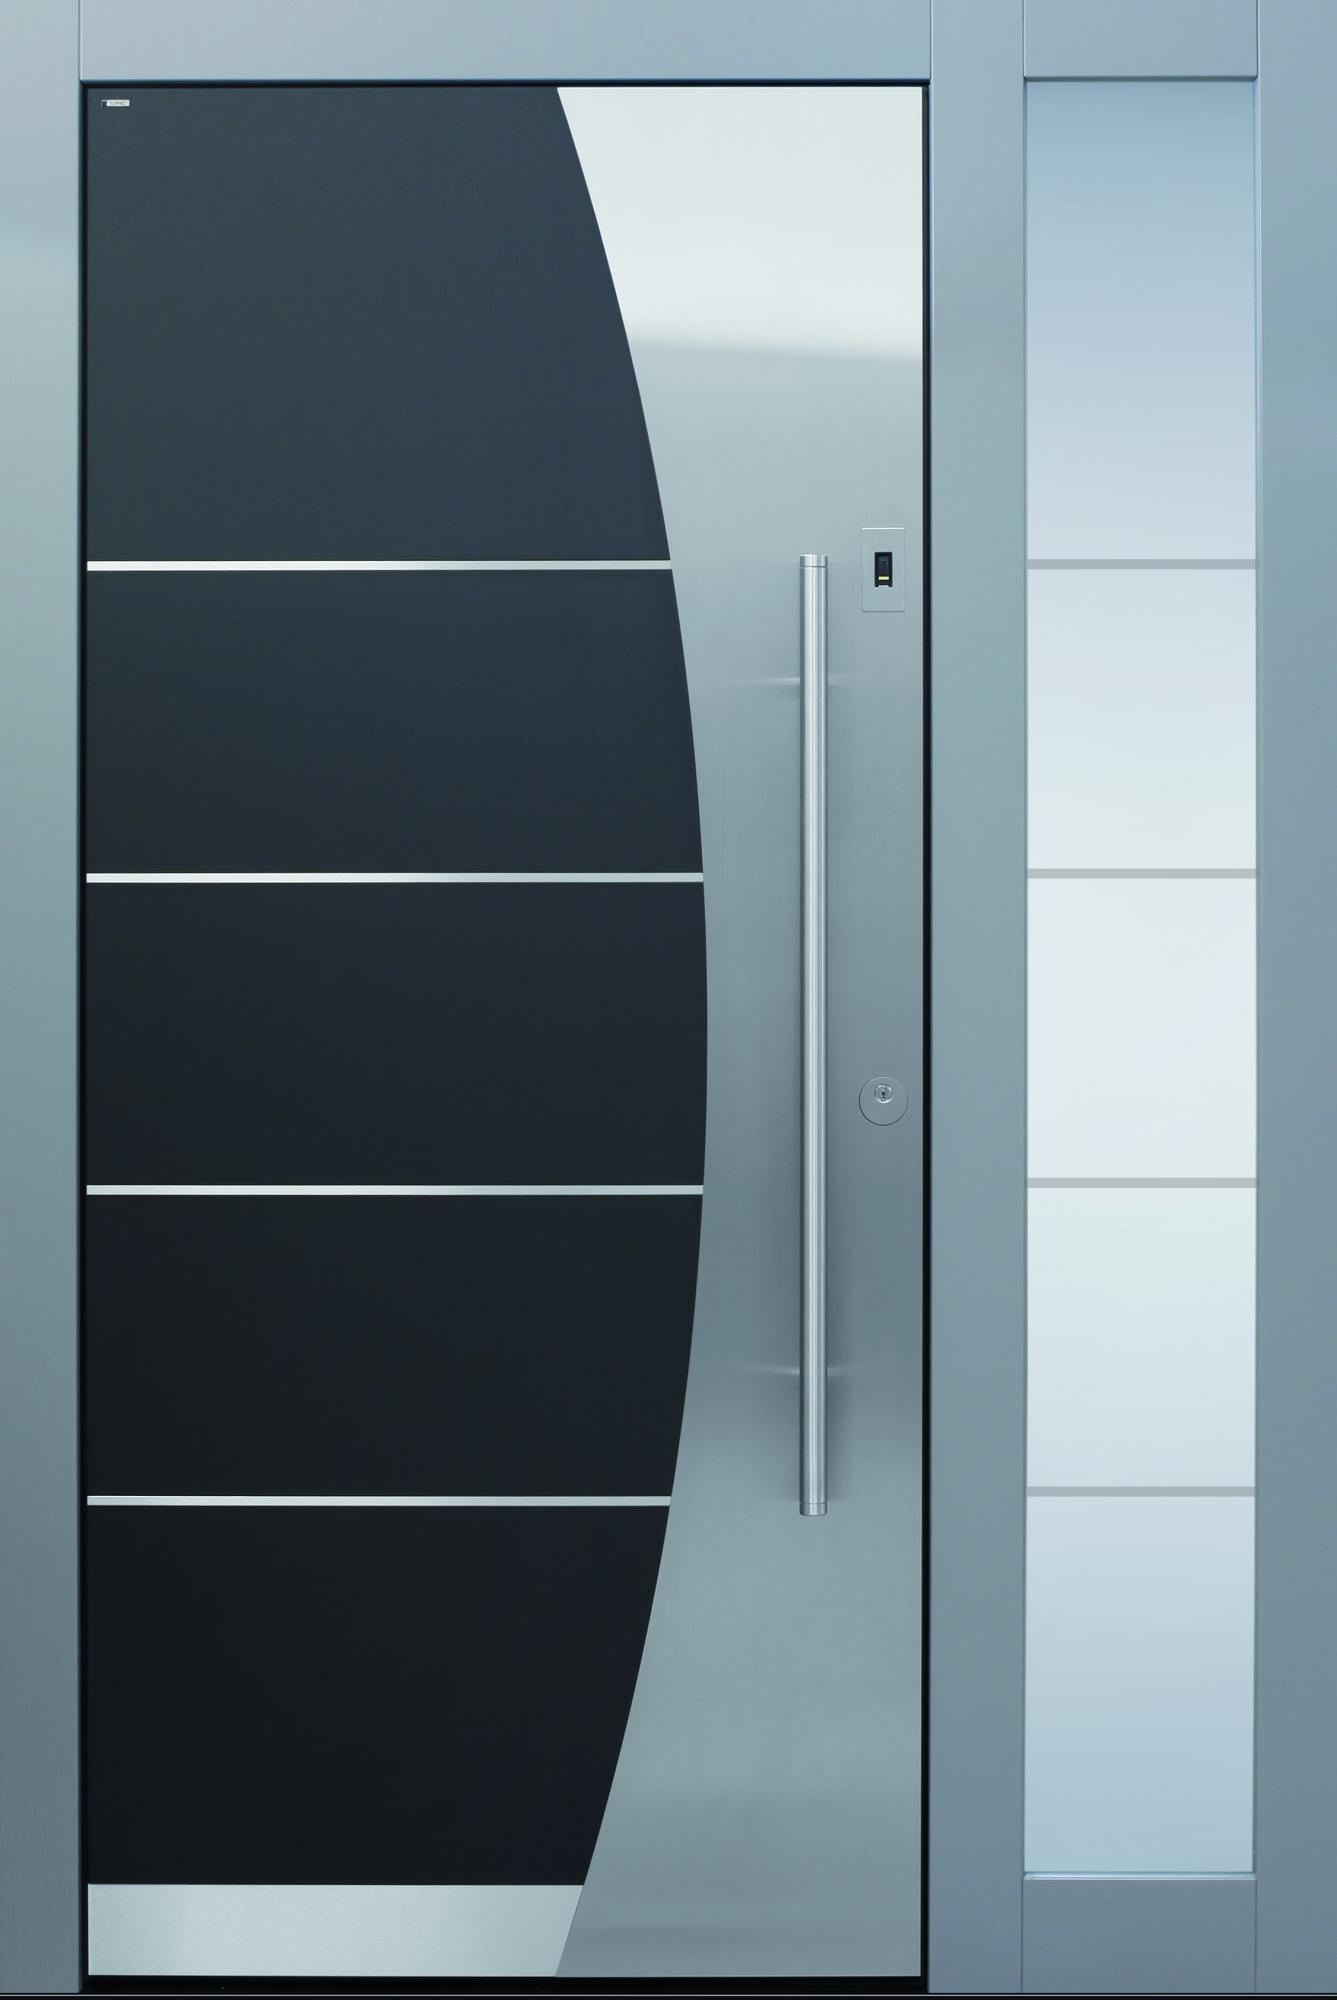 Haustür modern anthrazit  Haustüren ohne Lichtausschnitt | TOPIC Haustüren u. Wohnungstüren ...